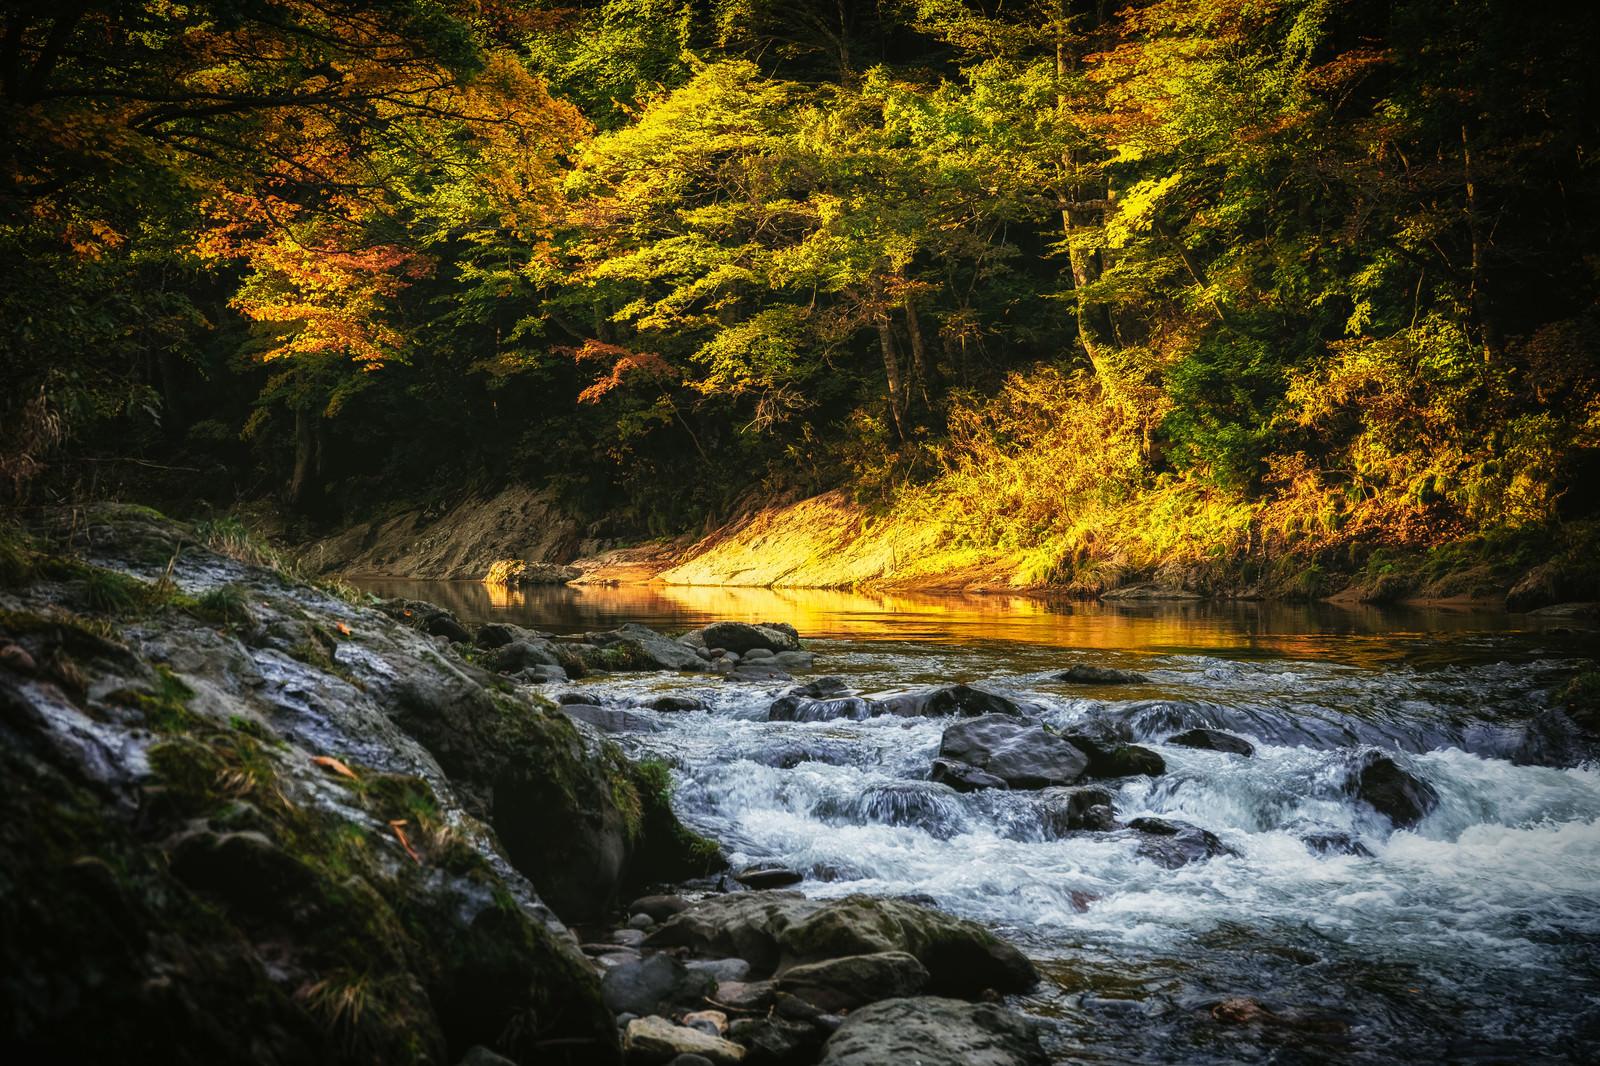 「渓谷の秋の夕暮れ渓谷の秋の夕暮れ」のフリー写真素材を拡大